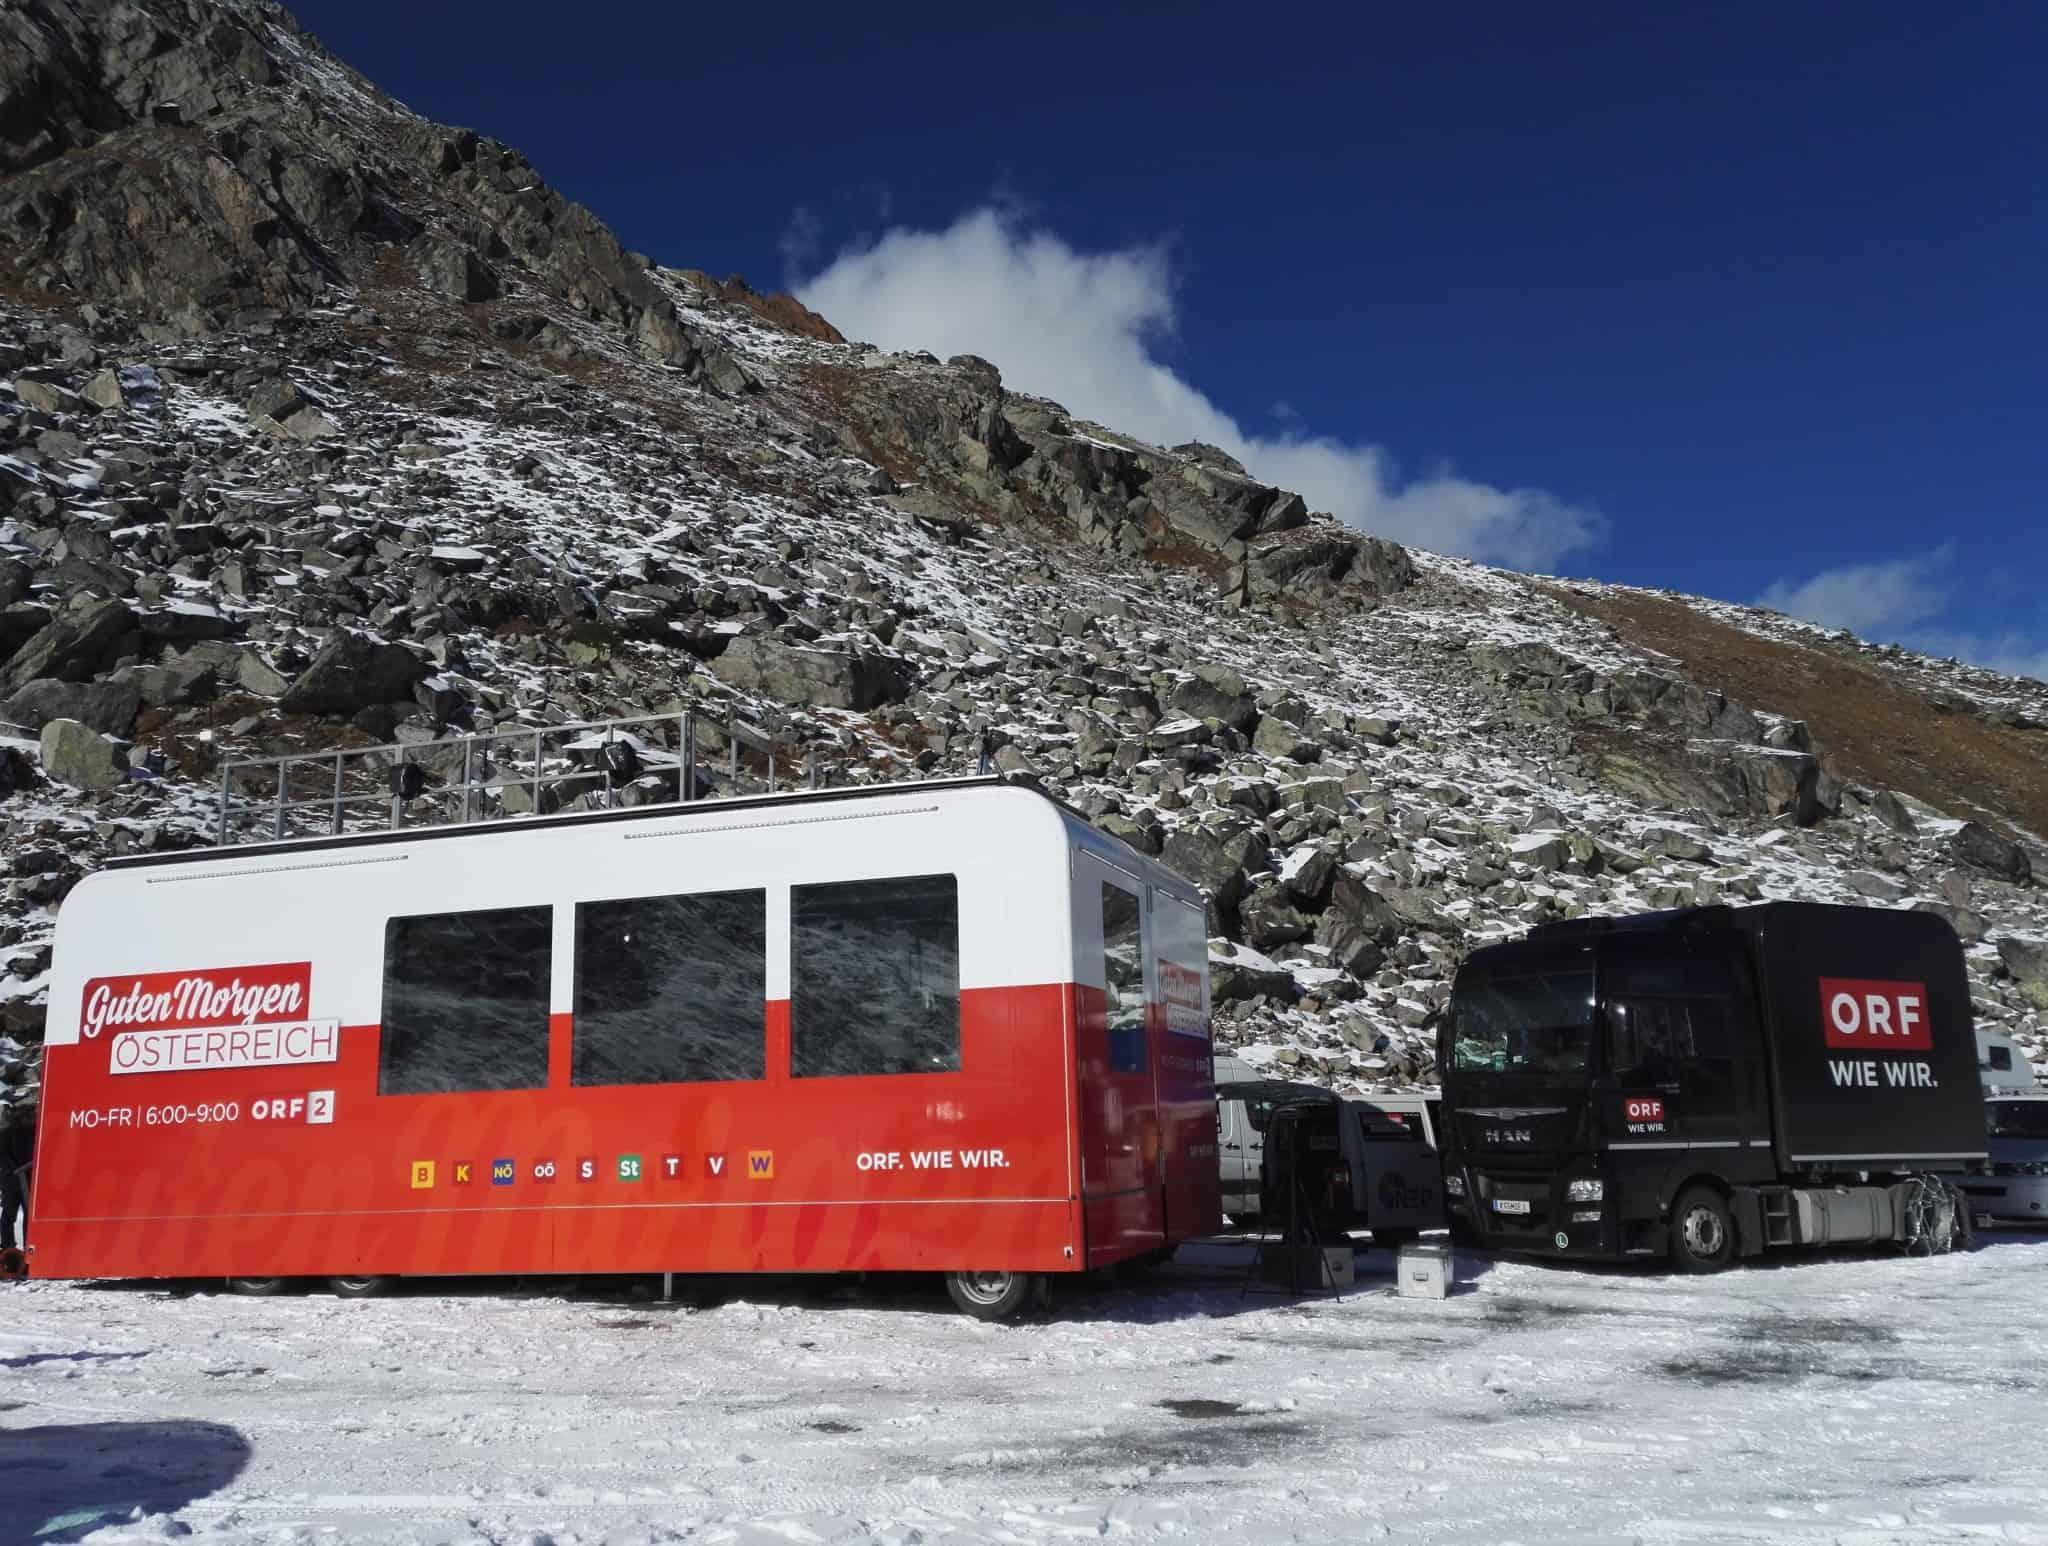 ORF Guten Morgen Österreich Tirol Sölden Woche C Andreas Felder 5 1 - ORF Guten Morgen Österreich - Tirol Woche